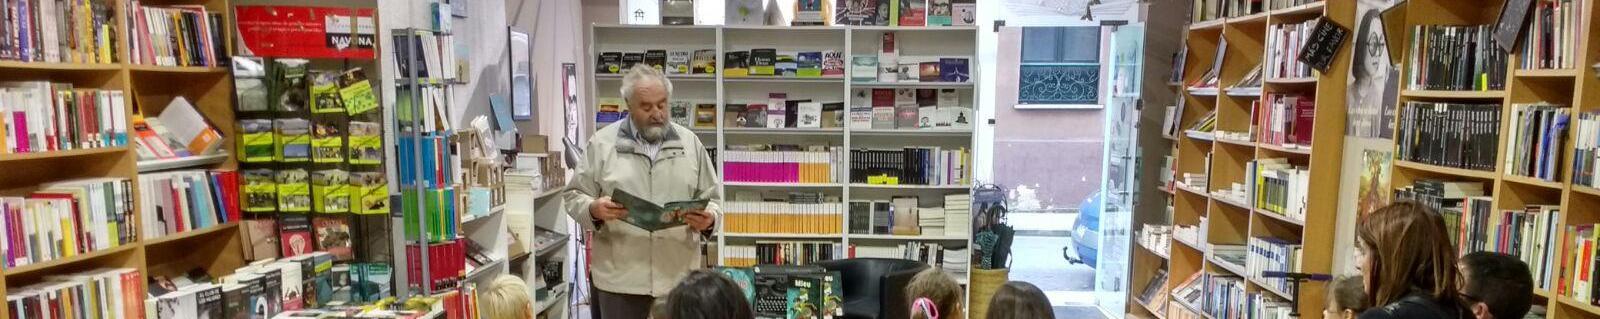 """Especial """"El cuento del domingo"""" en Educa Niemeyer con el escritor Milio'l del Nido"""